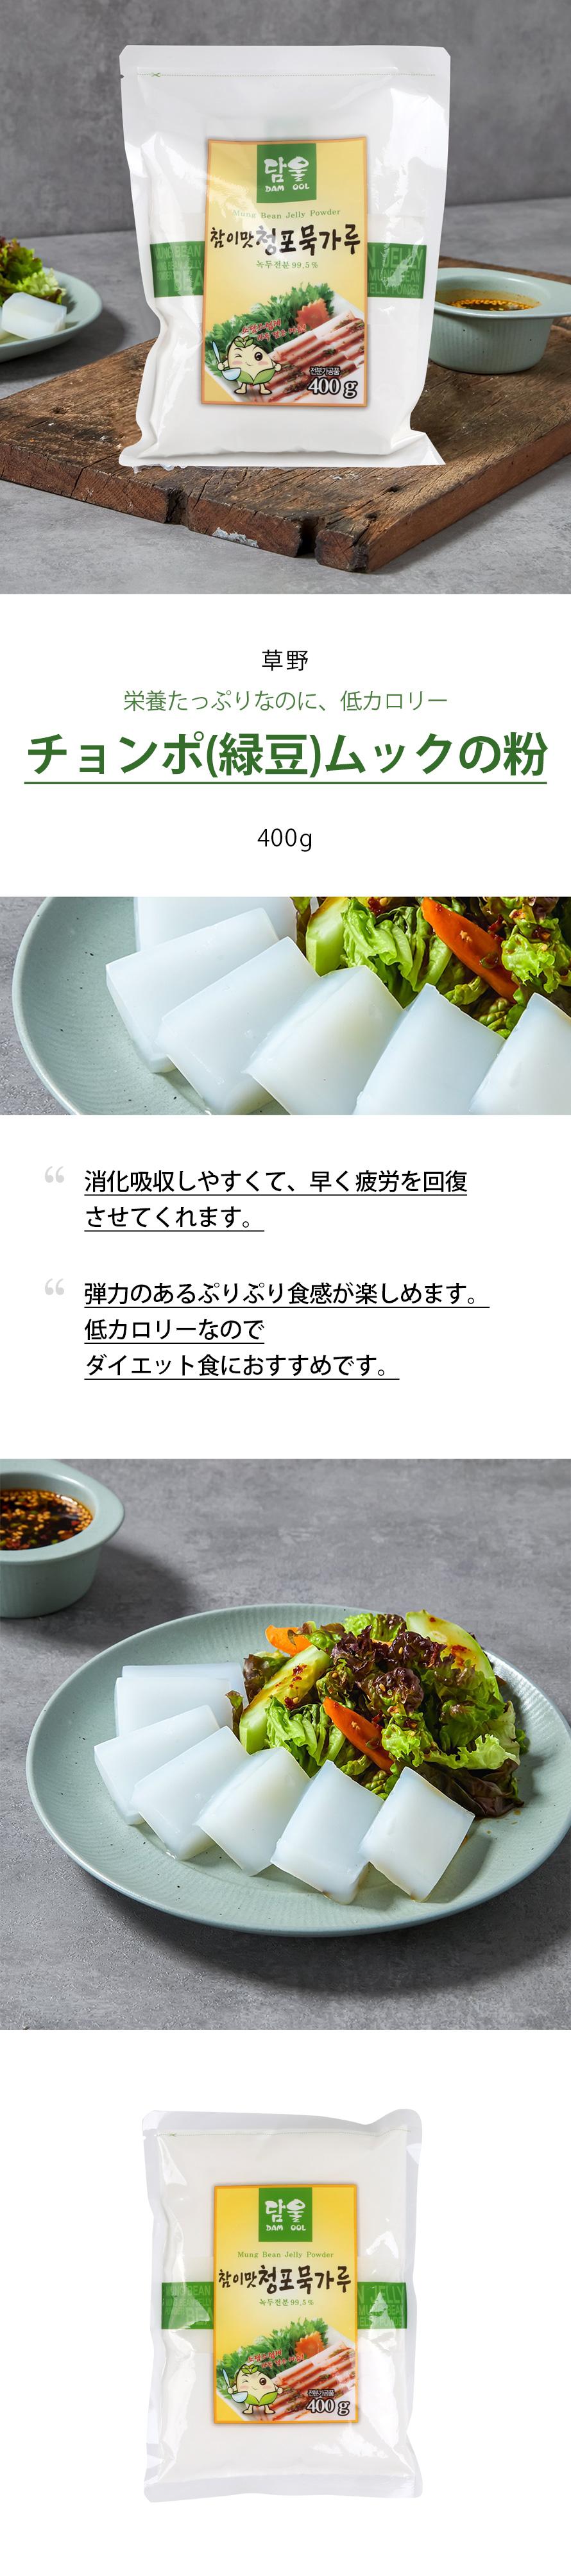 [草野] チョンポ(緑豆)ムックの粉